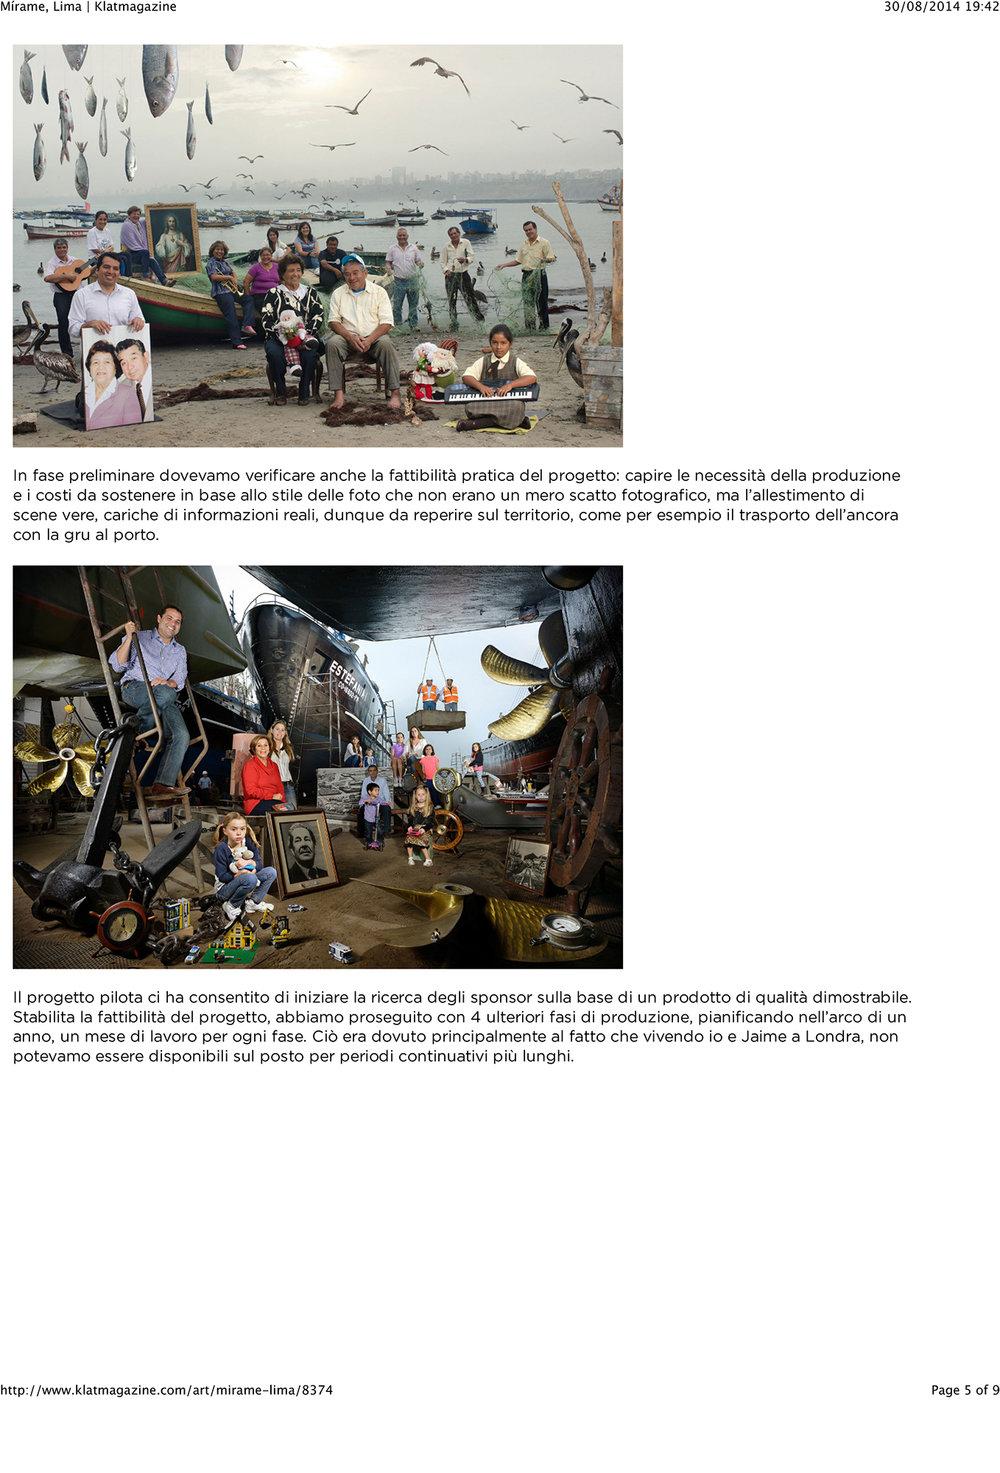 Mírame,-Lima-_-Klatmagazine-5.jpg